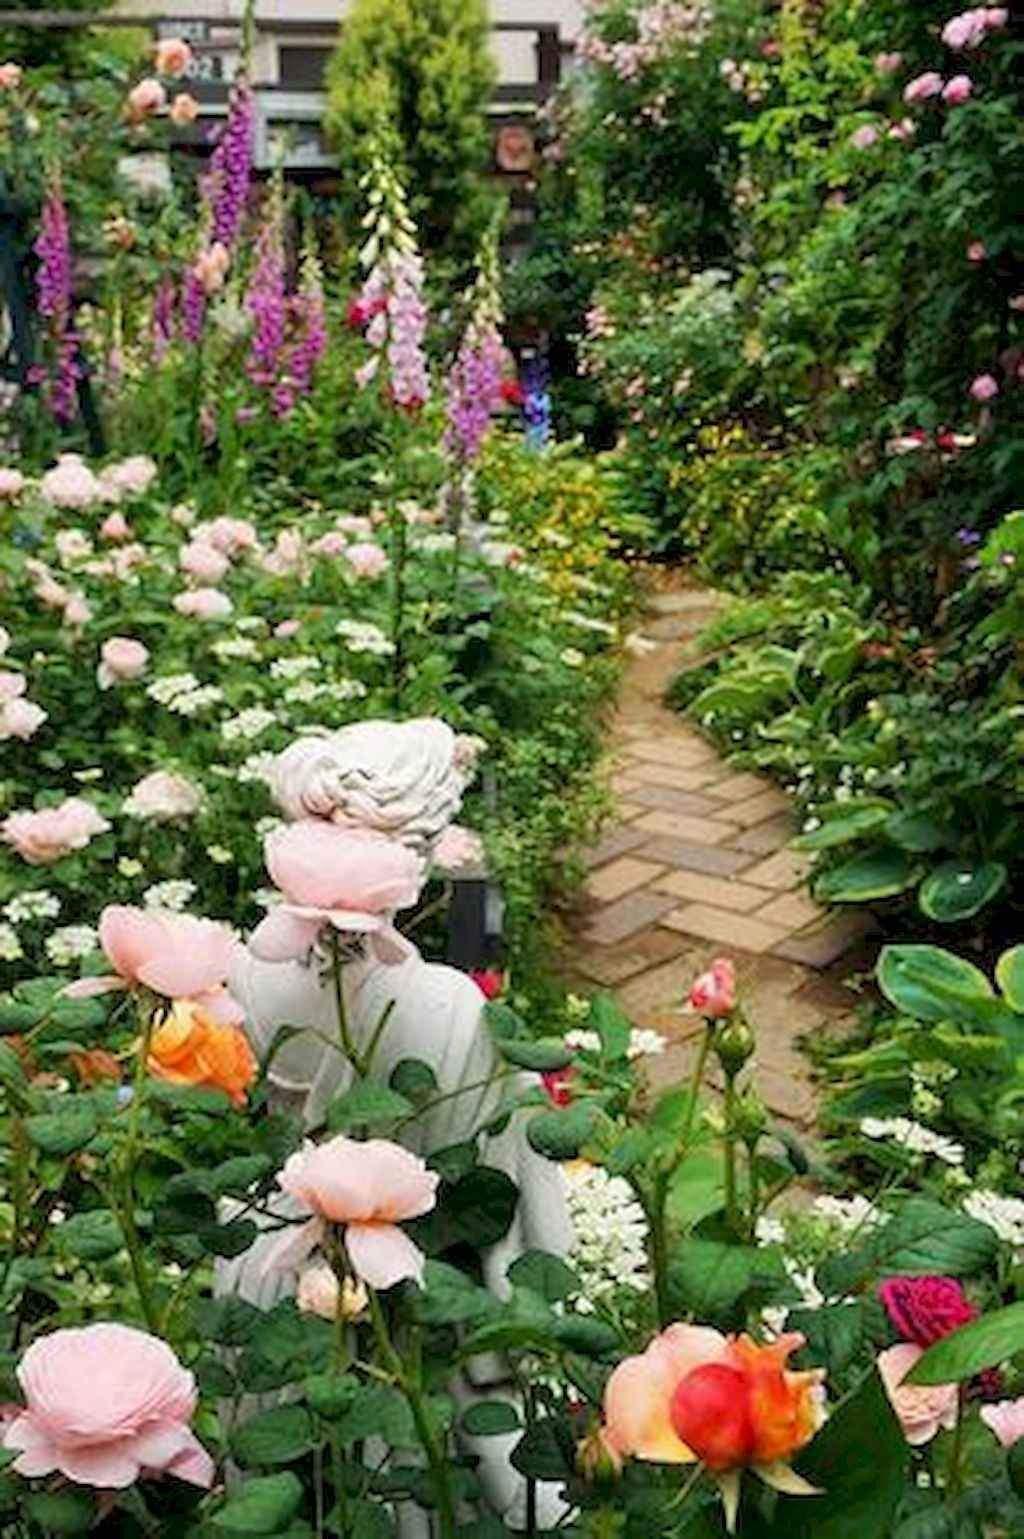 cottage garten anlegen schon 01 stunning cottage garden ideas for front yard inspiration of cottage garten anlegen